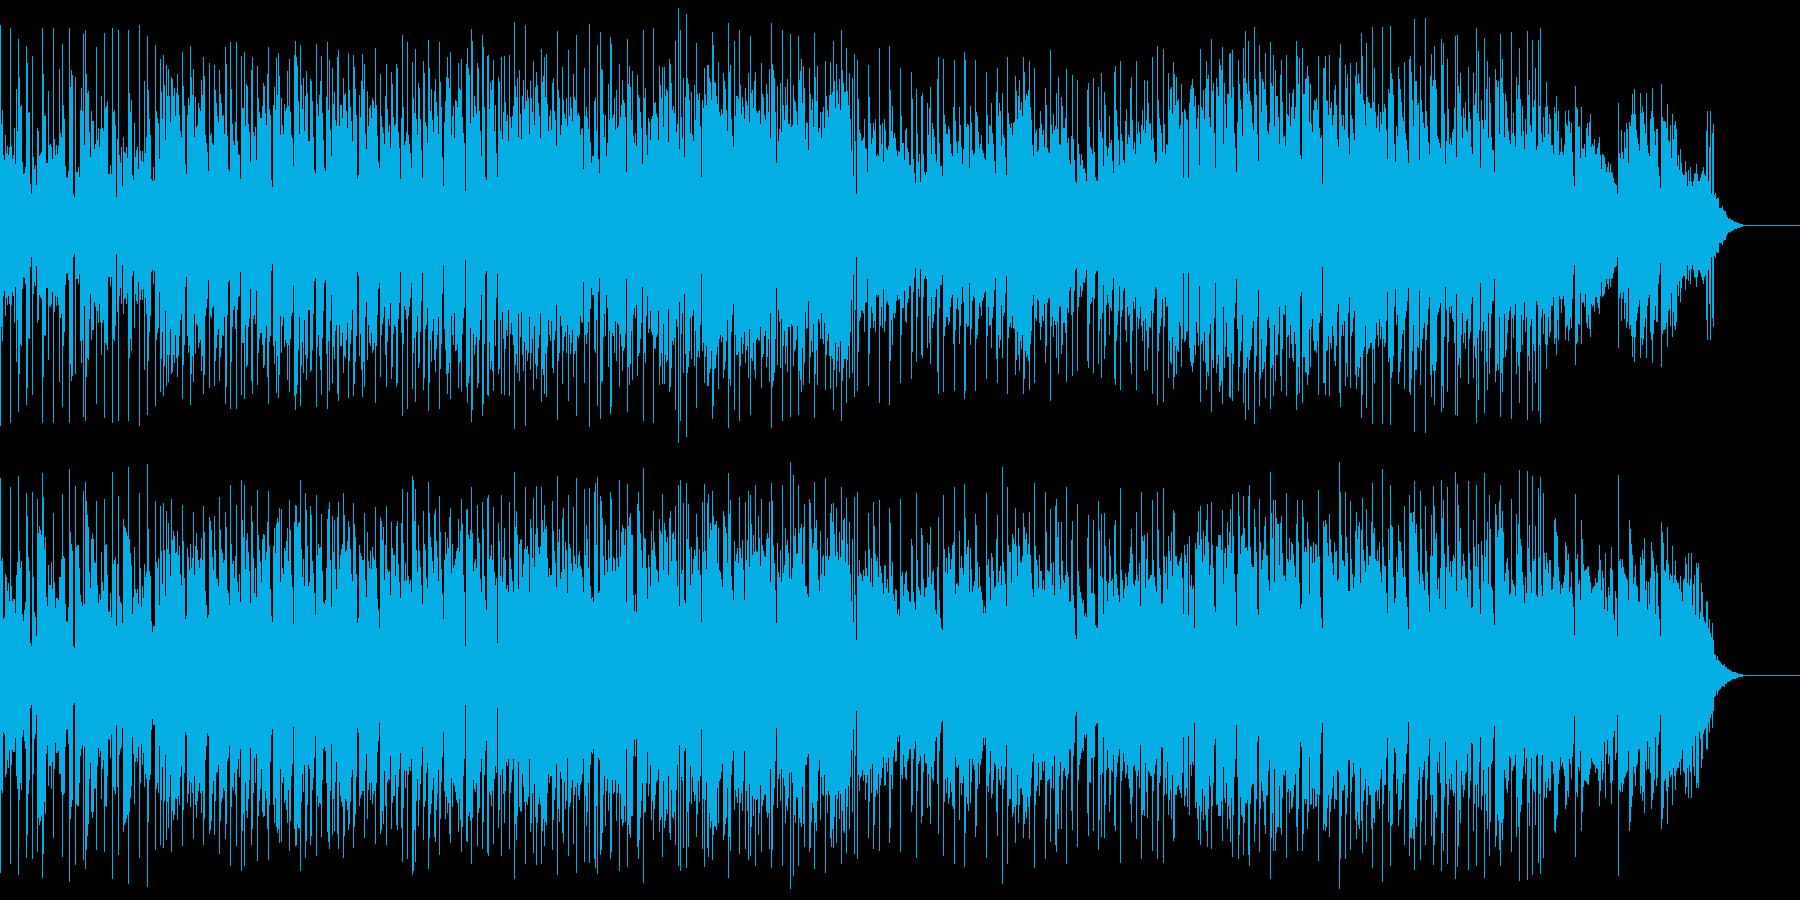 声のSEと爽やかなメロディが印象的な曲の再生済みの波形